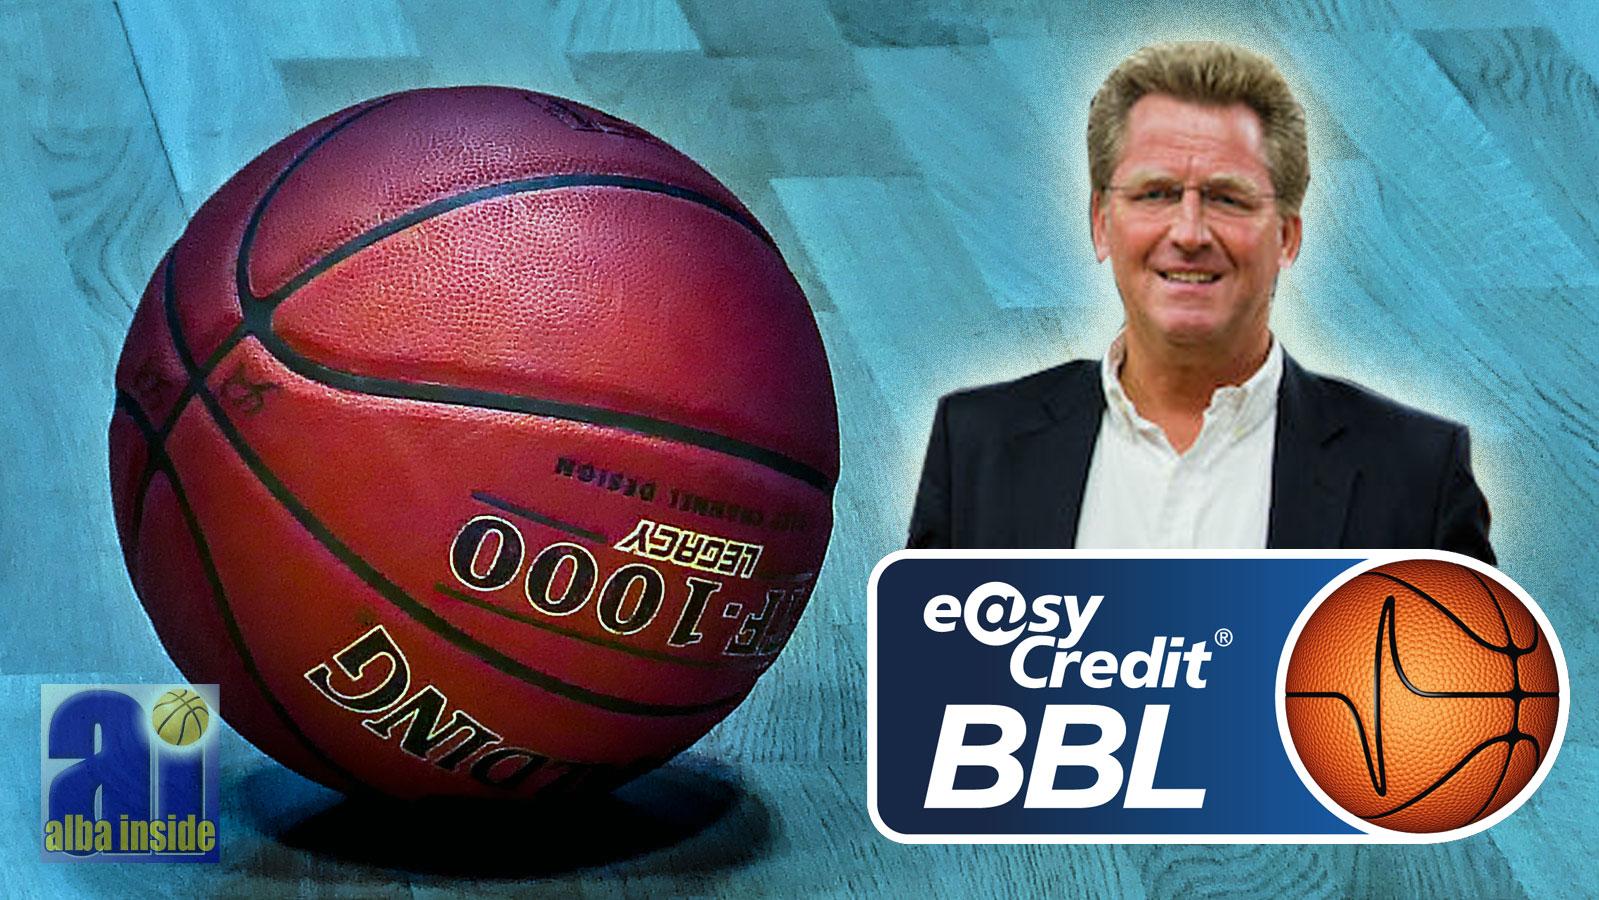 easycredit BBL Geschäftsführer Stefan Holz mit kontroversen Ansichten